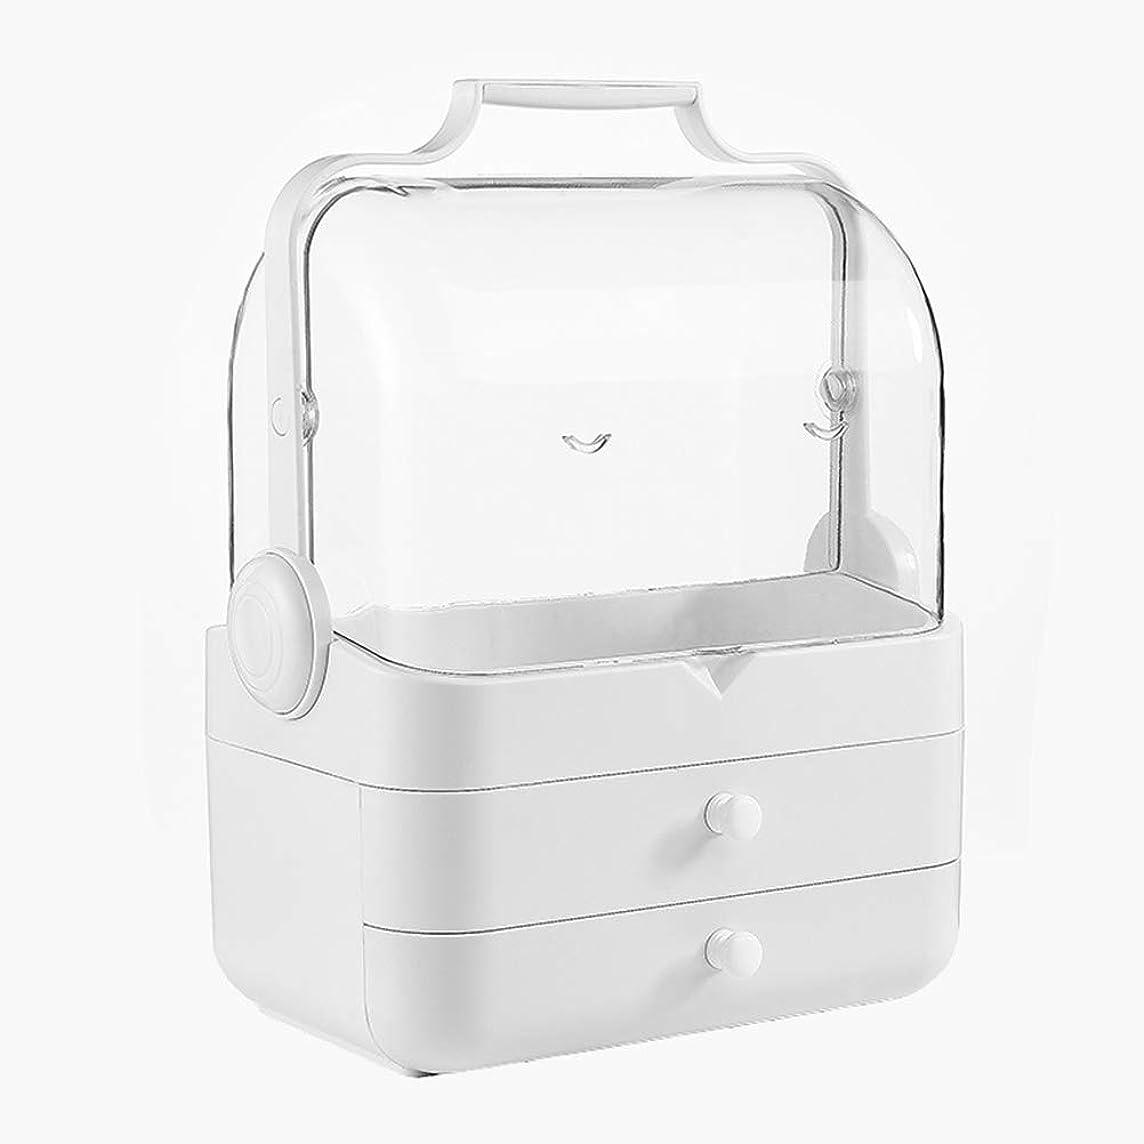 天文学退却ボウル化粧品収納ボックス コスメボックス メイクボックス 多容量 蓋付き 持ち運び 引き出し付き 可愛い 化粧箱 大きめ 防塵防水 オシャレ 可愛い 透明 小物入れ 卓上収納 アクセサリボックス 白